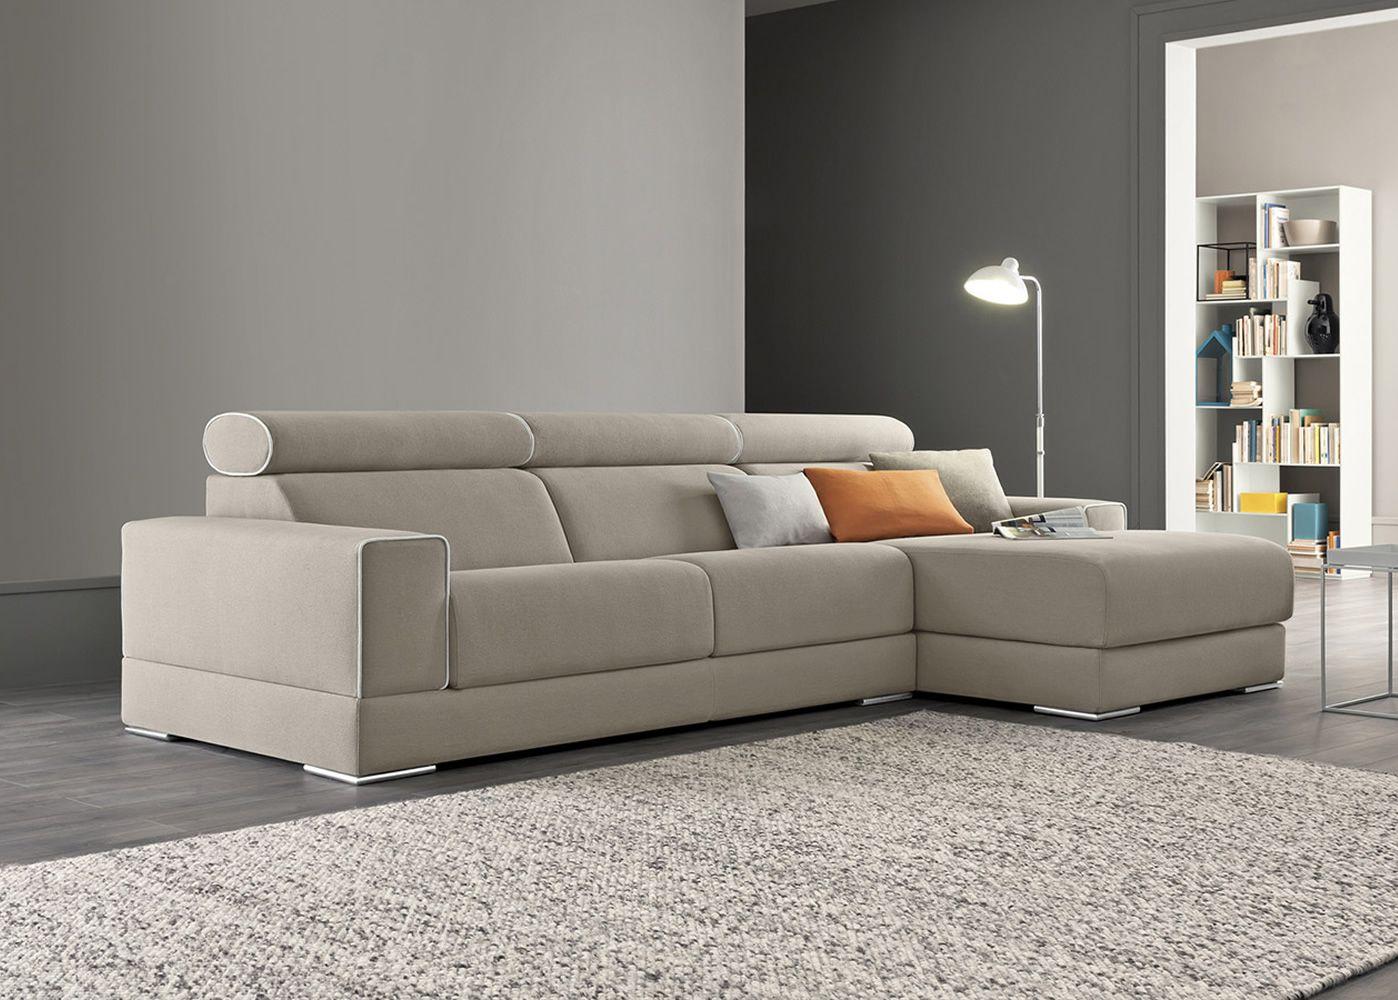 jack p 2 3 oder 3xl sitzer sofa mit chaiselongue mit herausnehmbaren sitzen und. Black Bedroom Furniture Sets. Home Design Ideas